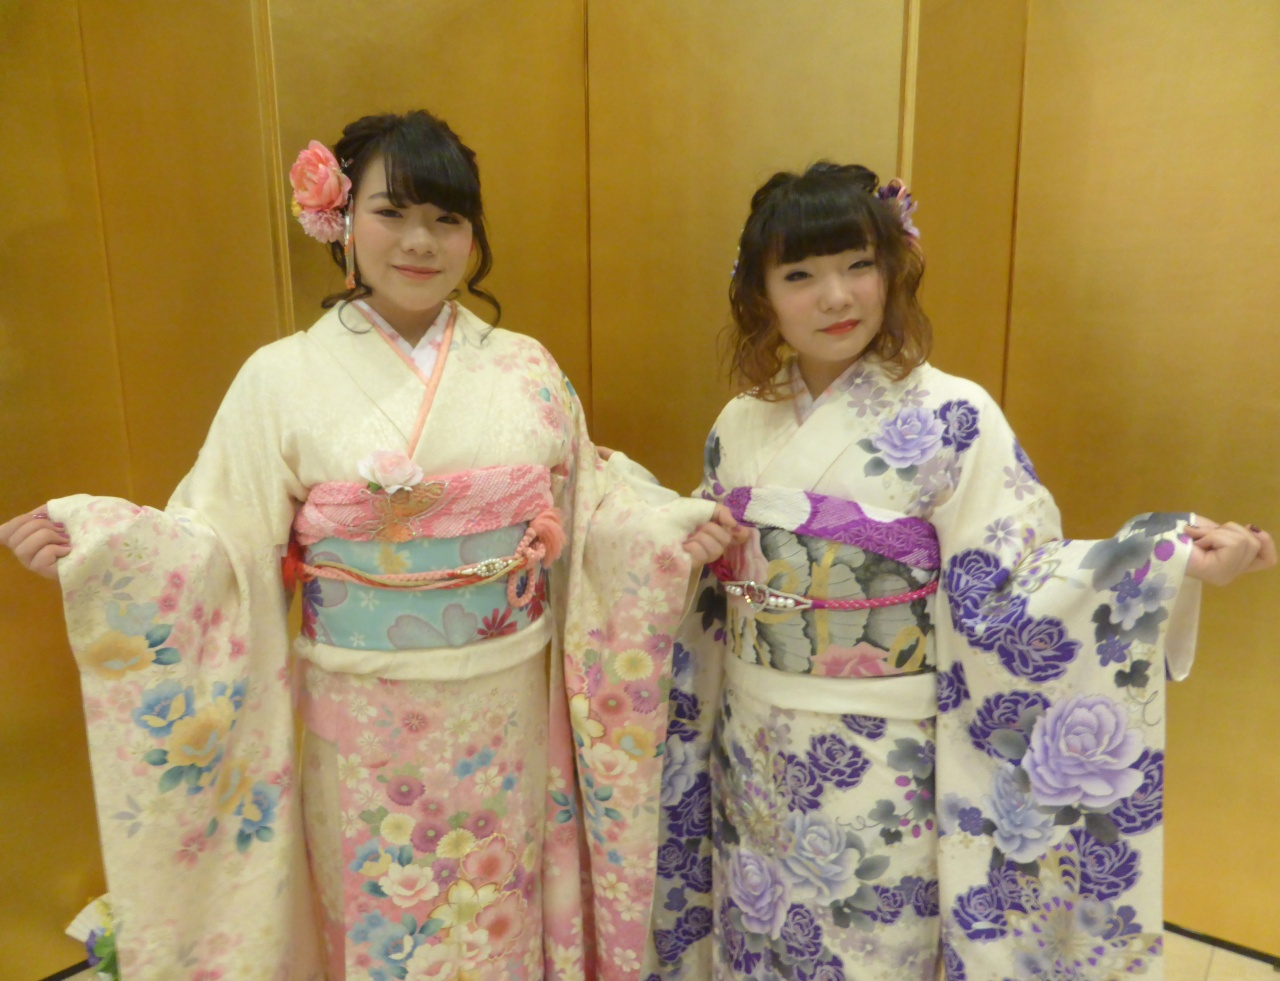 祝♡成人式!鶴岡市で行われた成人式、華やかな振袖スナップ♪